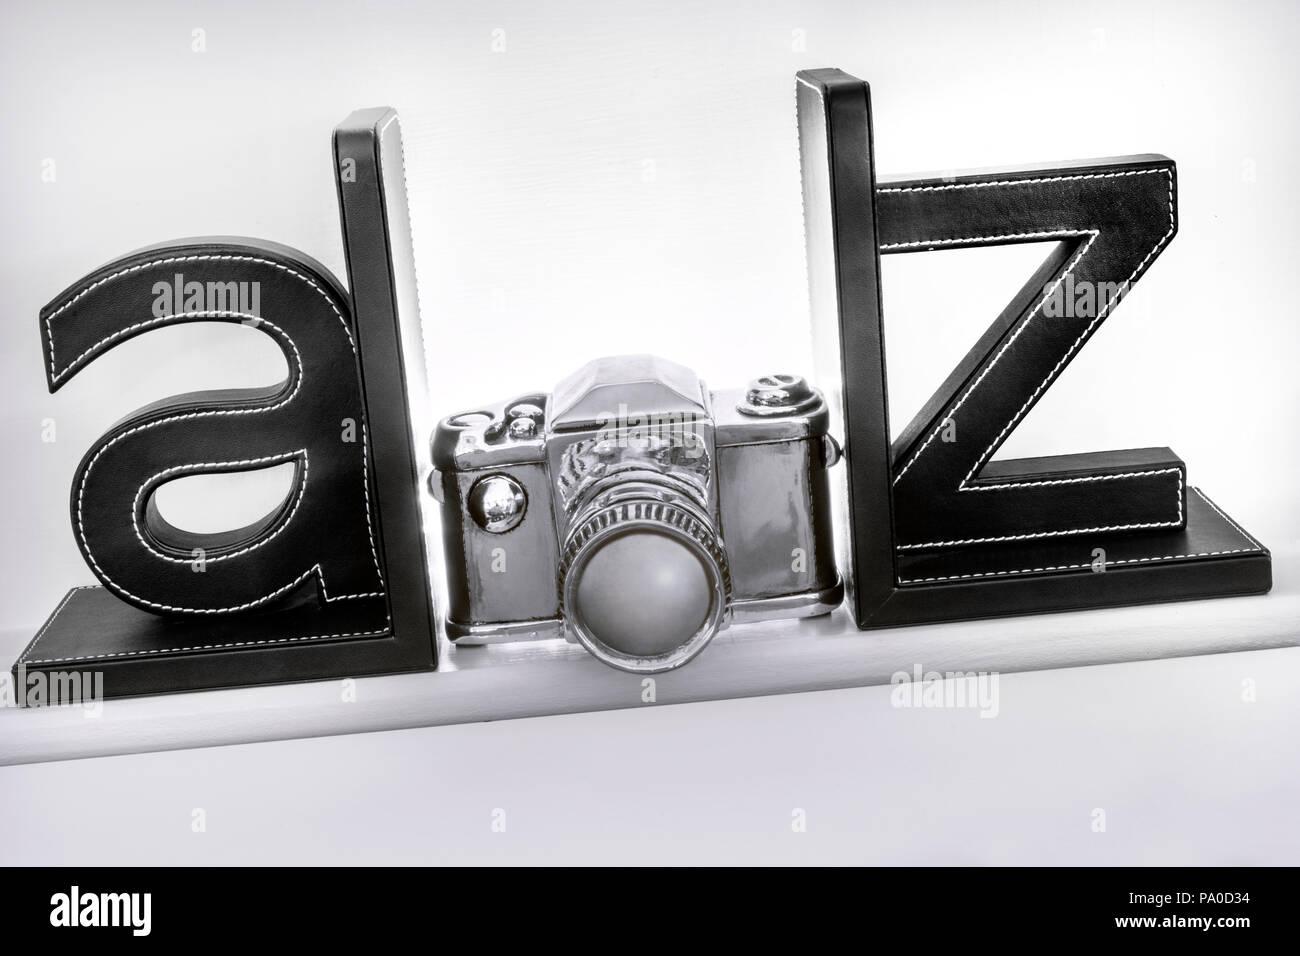 A-Z générique stylisé appareil photo sur l'étagère comme guide pour la photographie caméras film techniques photographiques classiques chéris Photo Stock